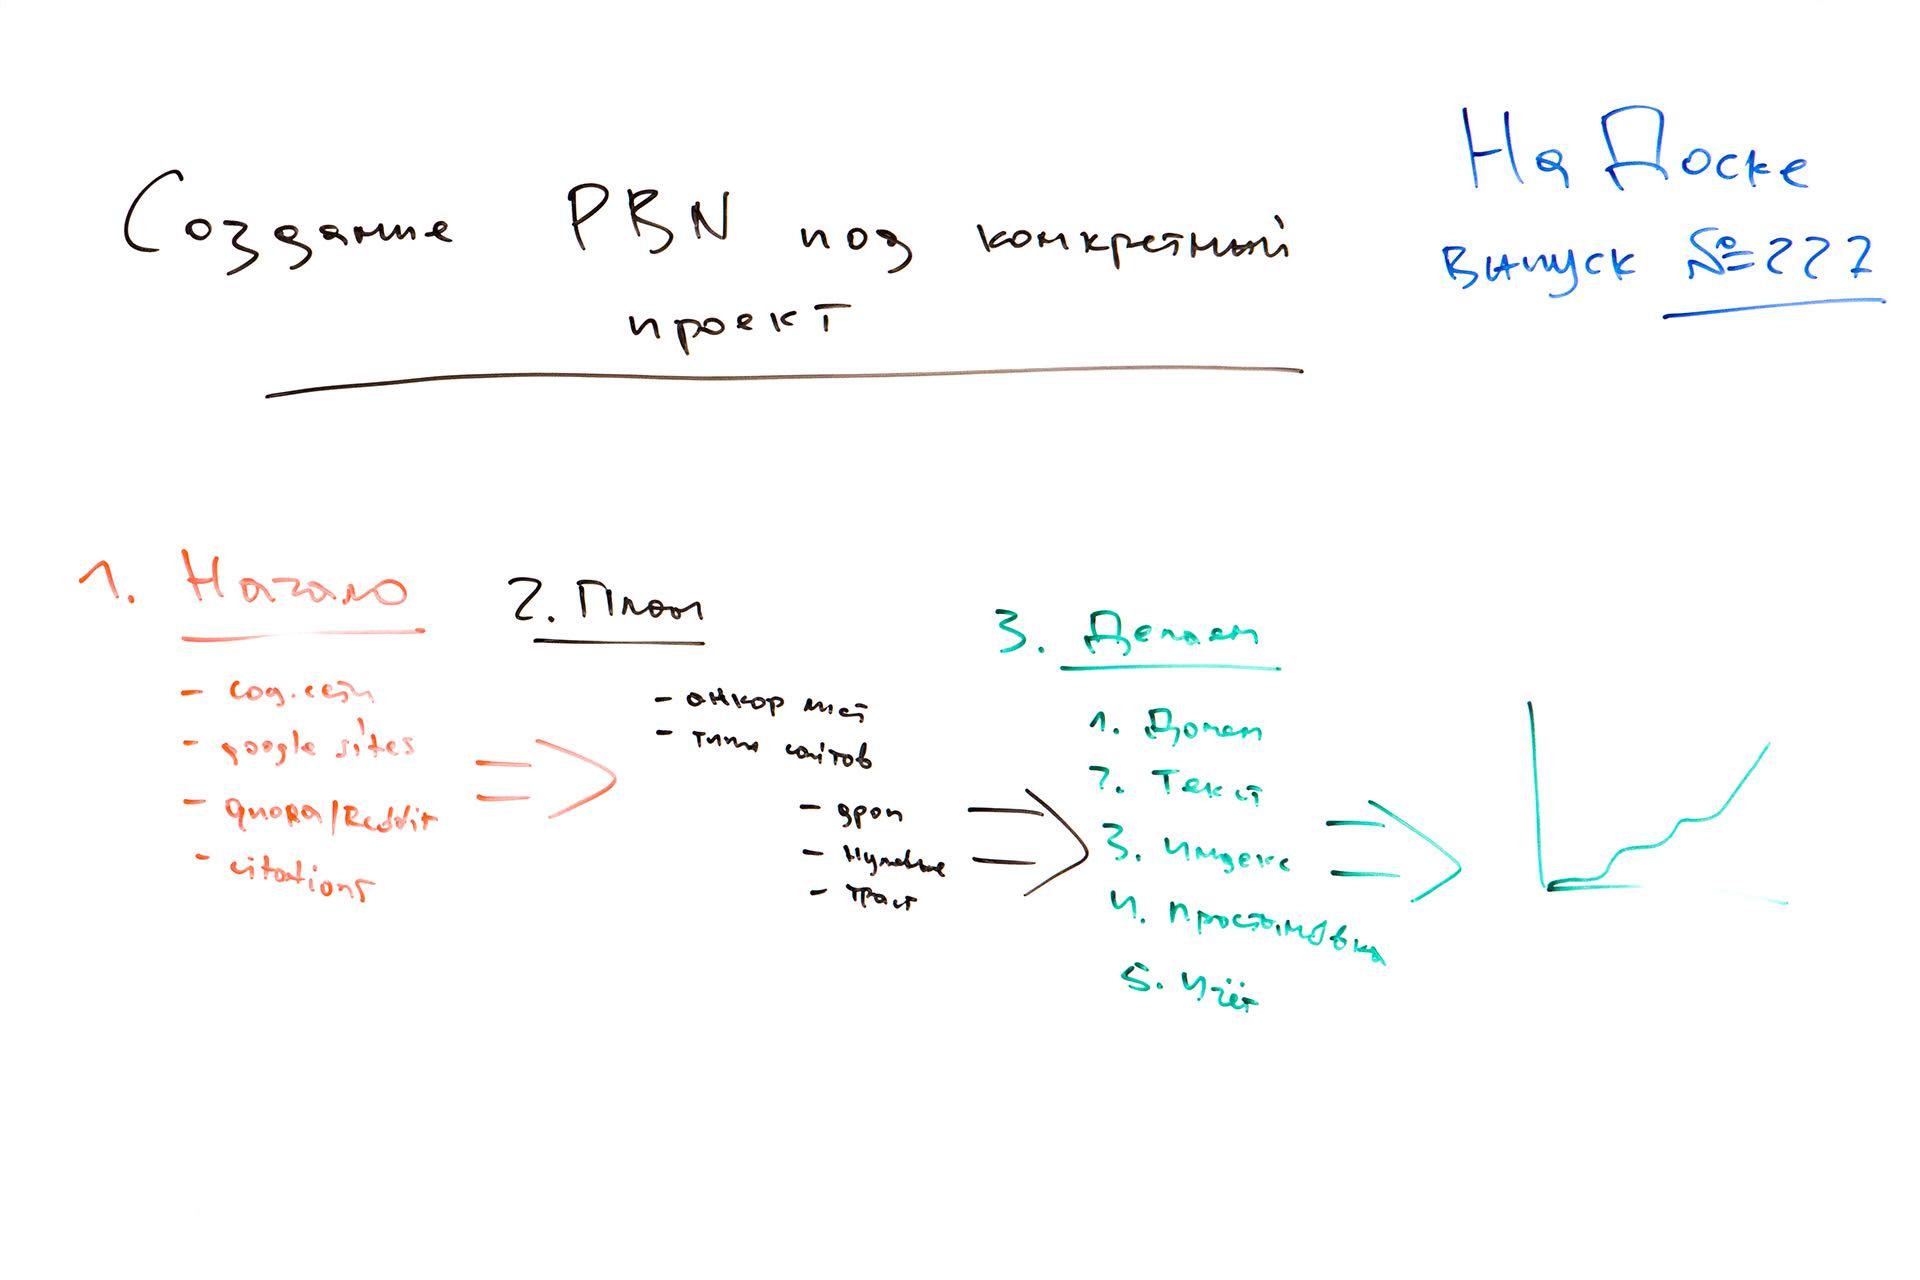 Создание PBN под конкретный проект - На Доске - выпуск № 227